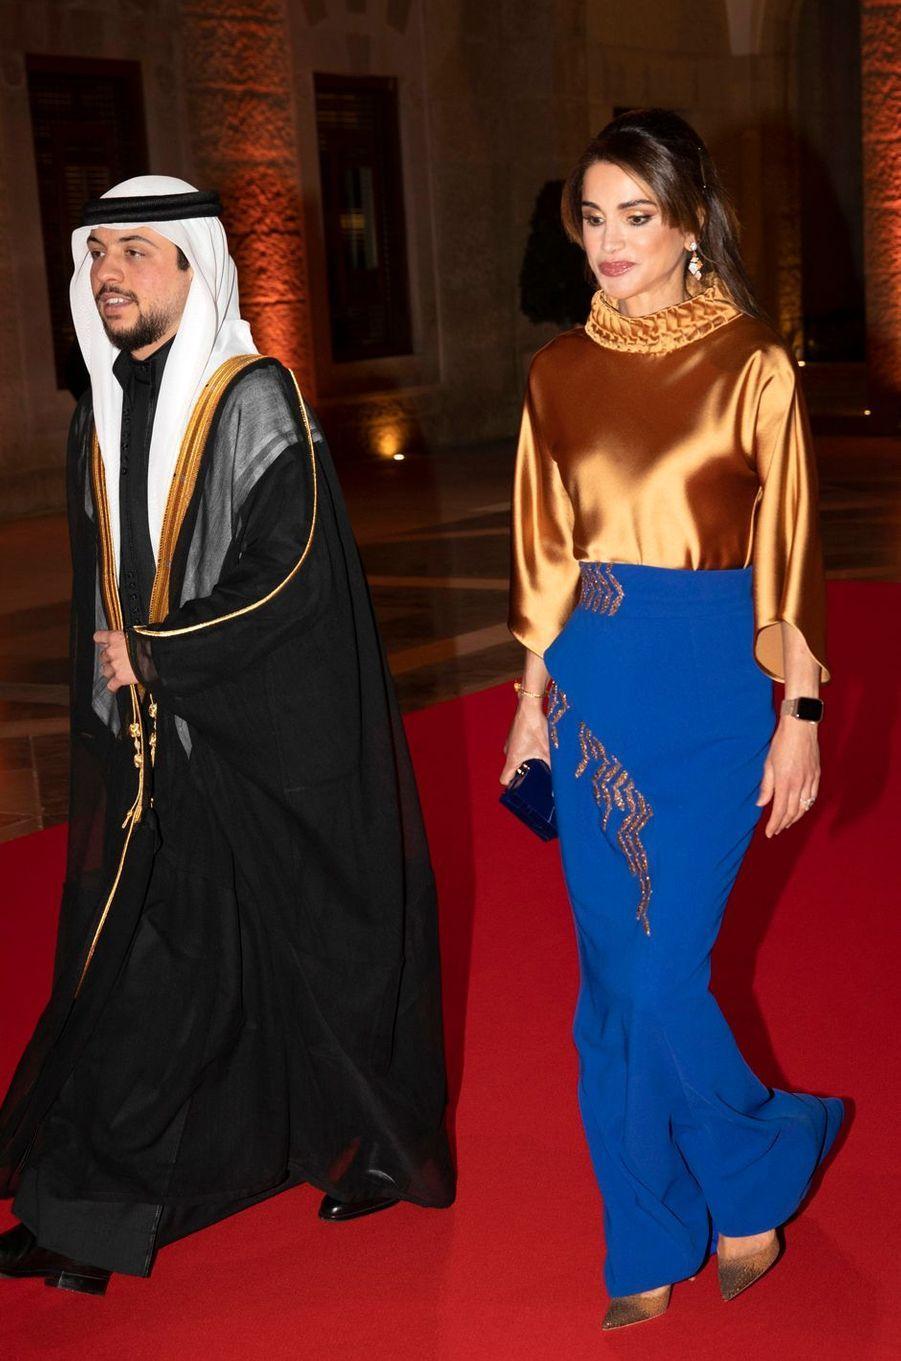 La reine Rania de Jordanie et son fils aîné le prince héritier Hussein à Amman, le 2 mars 2020